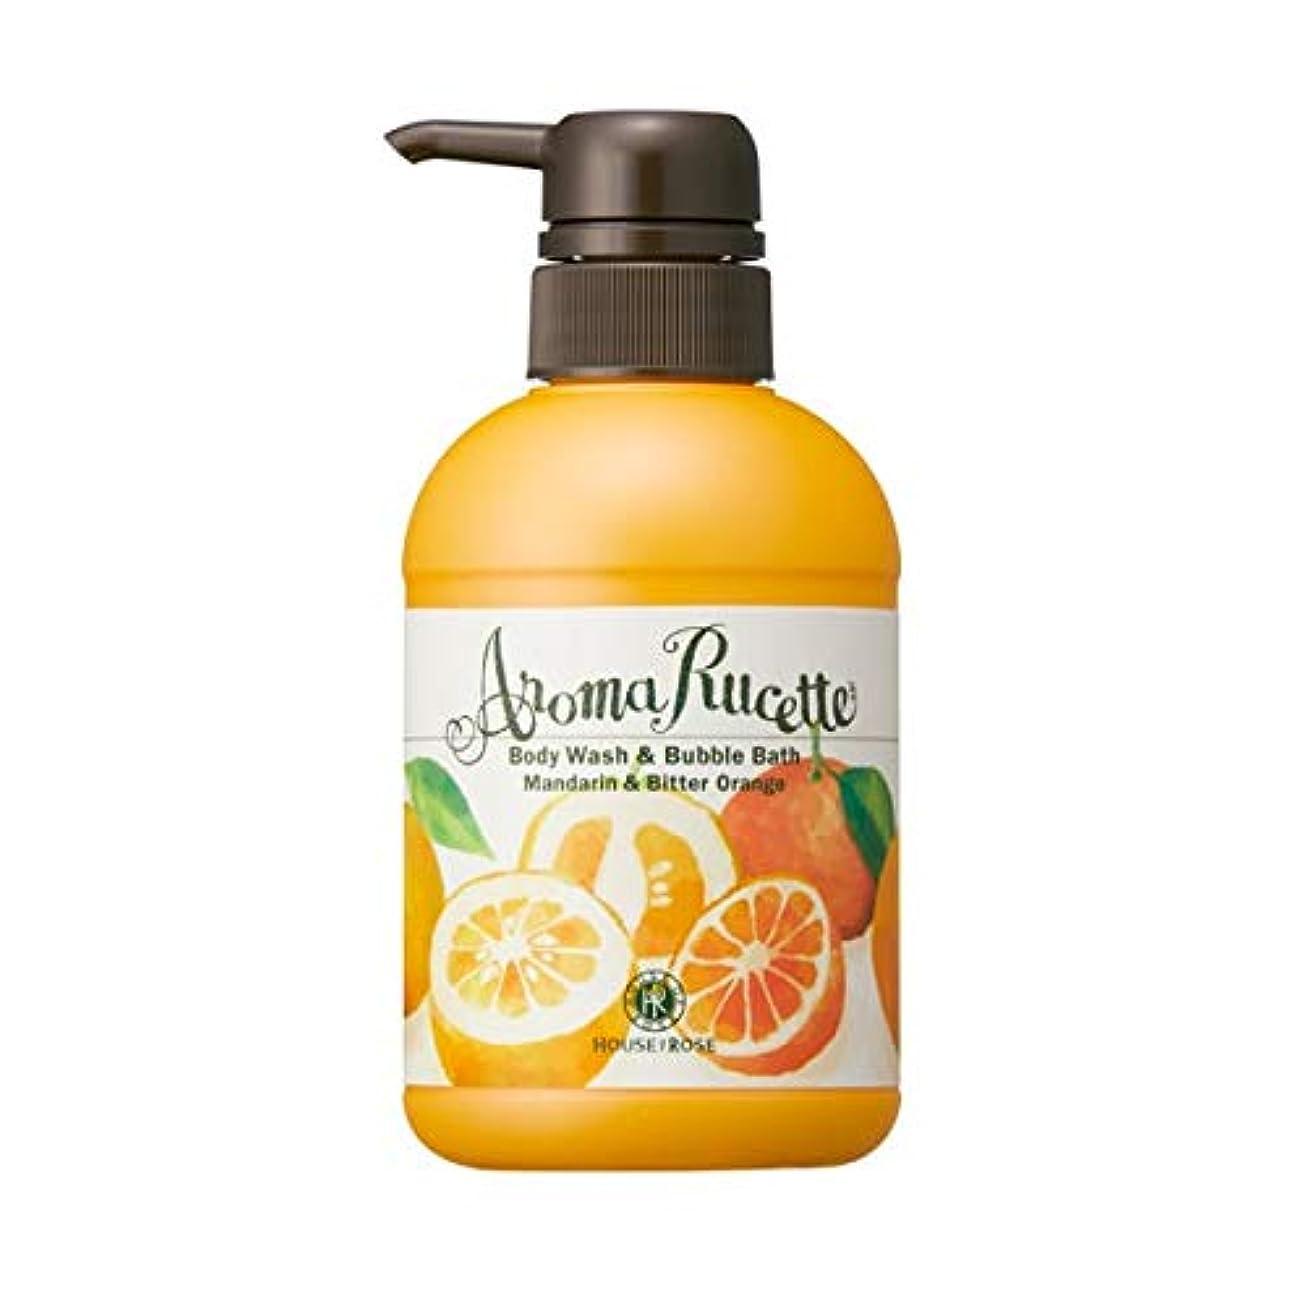 想定敵対的定期的にHOUSE OF ROSE(ハウスオブローゼ) ハウスオブローゼ/アロマルセット ボディウォッシュ&バブルバス MD&BO(マンダリン&ビターオレンジの香り)350mL